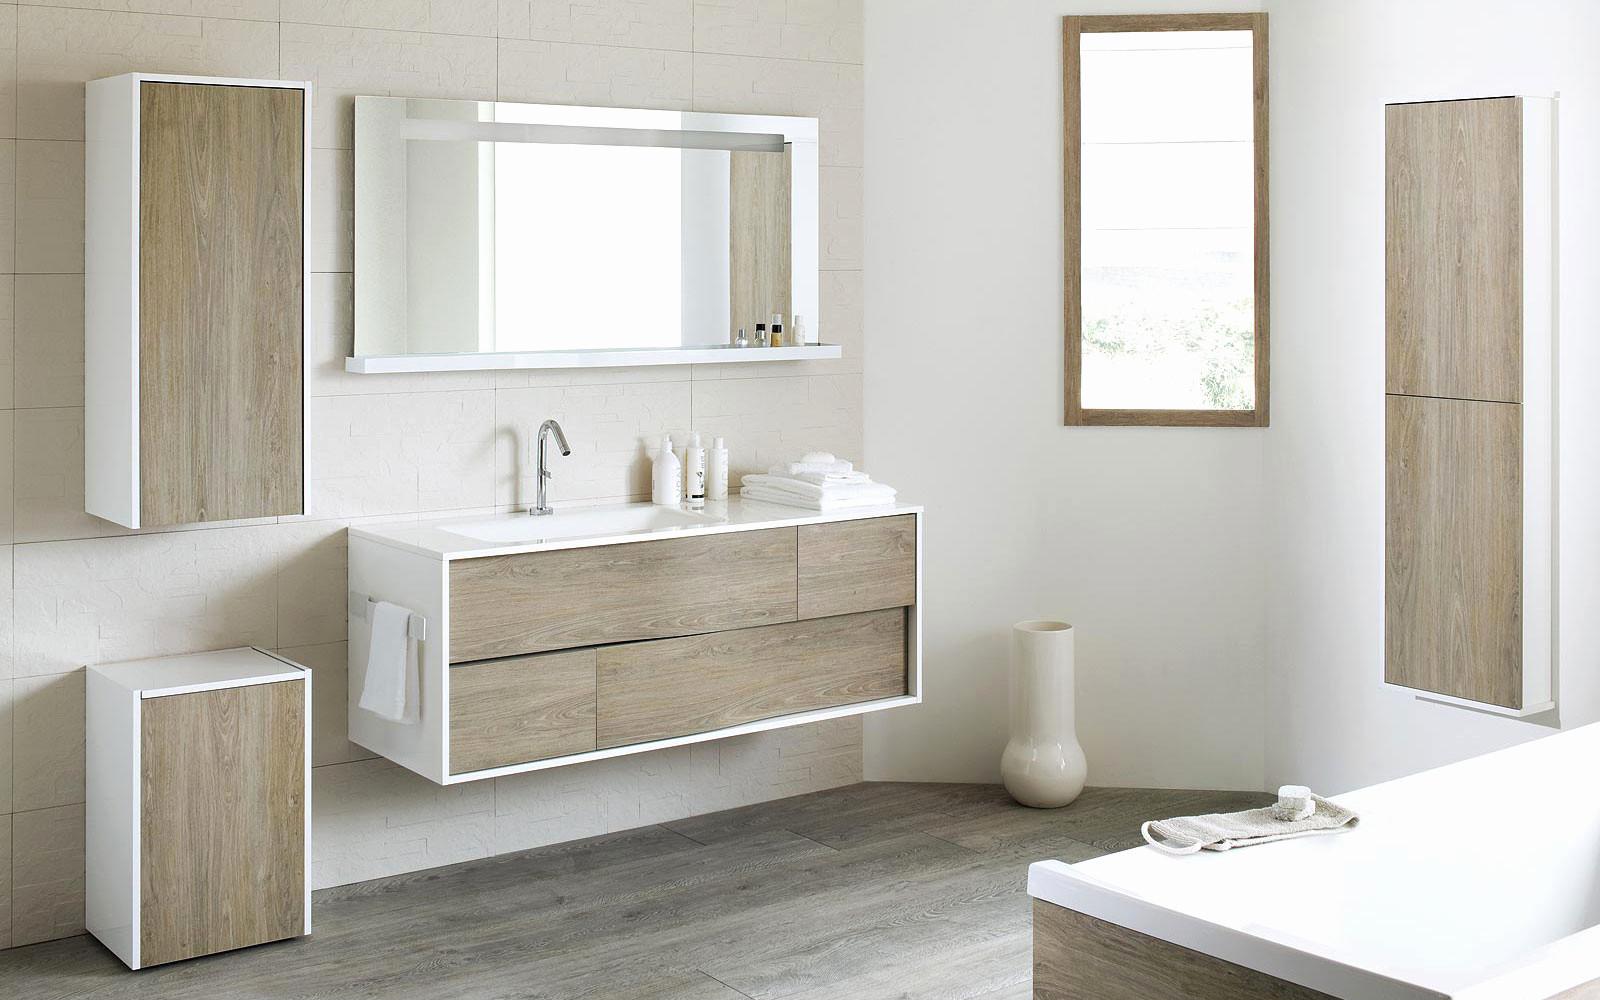 Meuble Pour Vasque à Poser Ikea Frais Images Article with Tag Table De Salon Design Noir Et Blanc